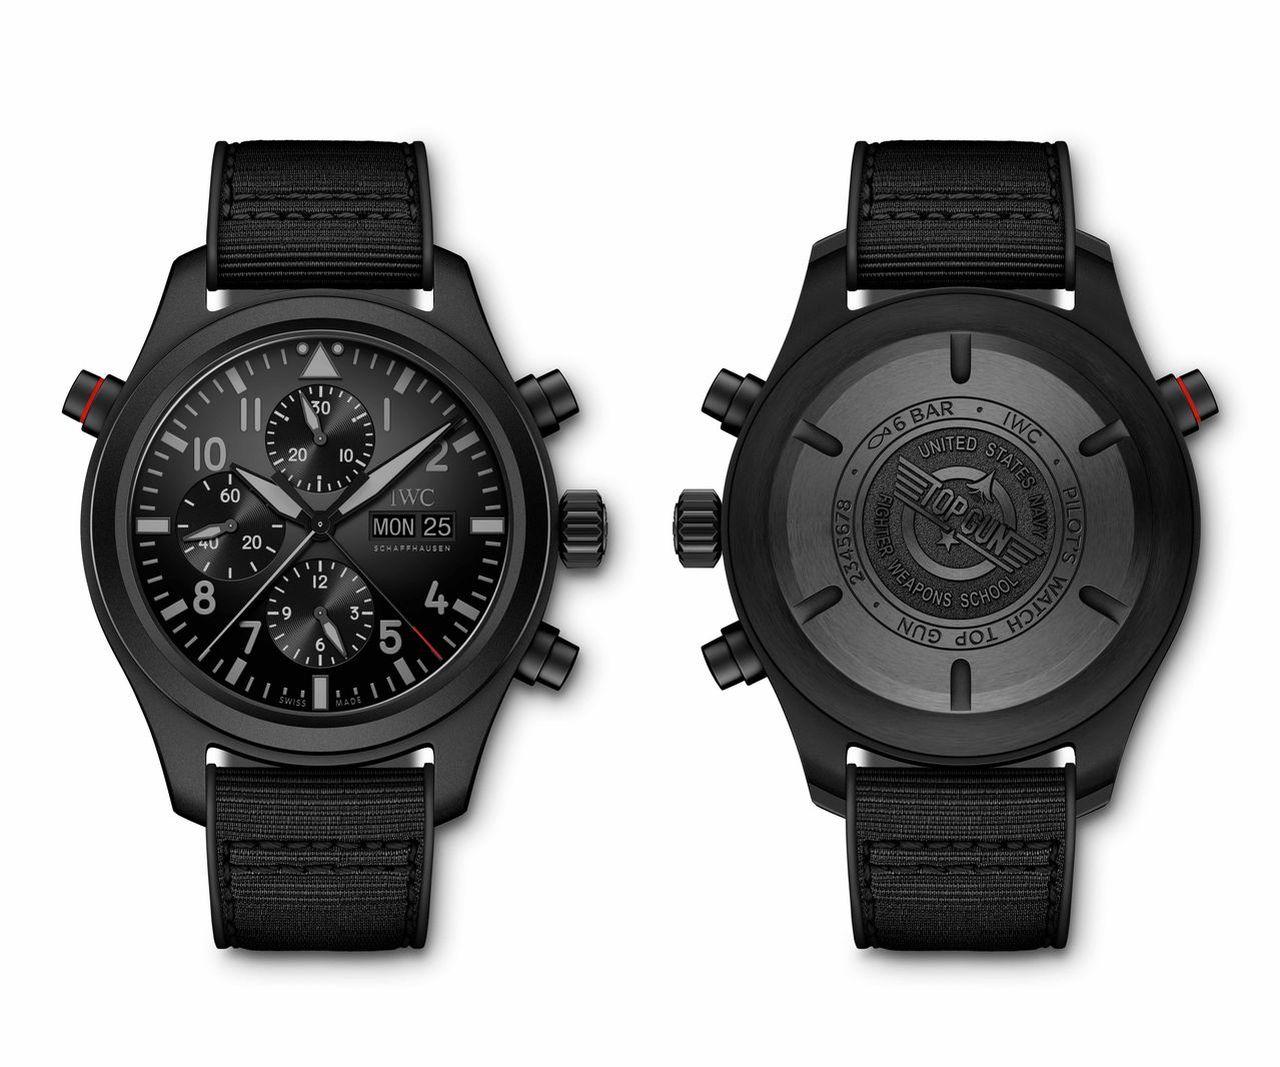 IWC Pilot's Watch Double Chronograph TOP GUN Ceratanium - nagyobb, mint amilyennek tűnik